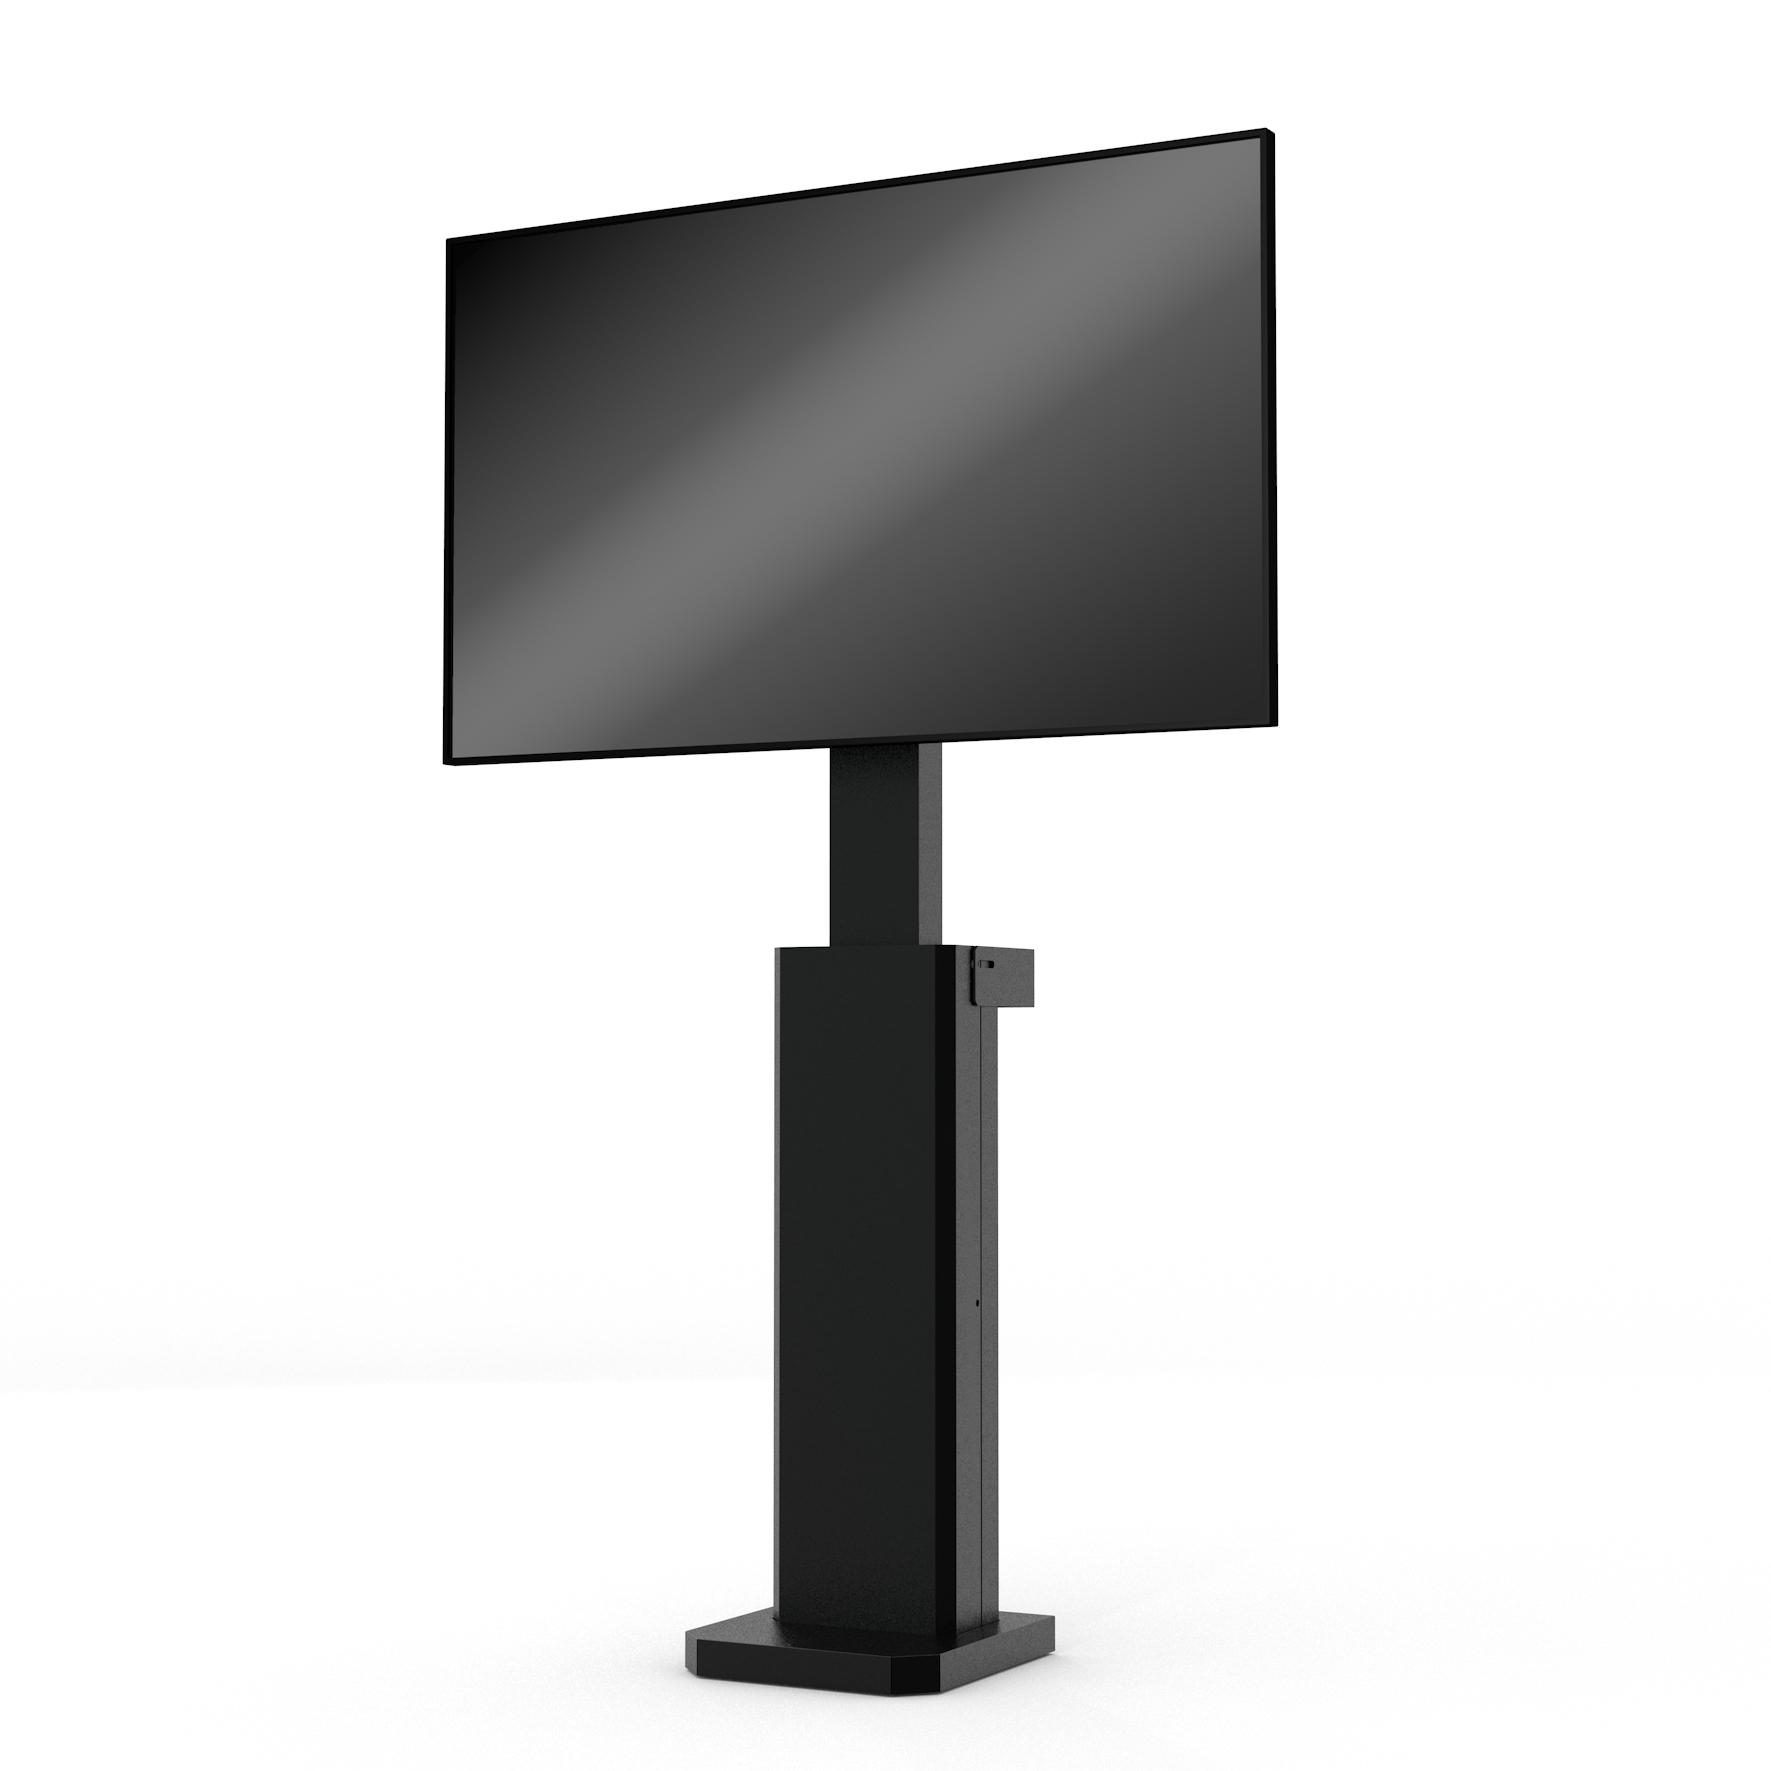 soportes para pantallas táctiles o interactivas DIMASA se consolida